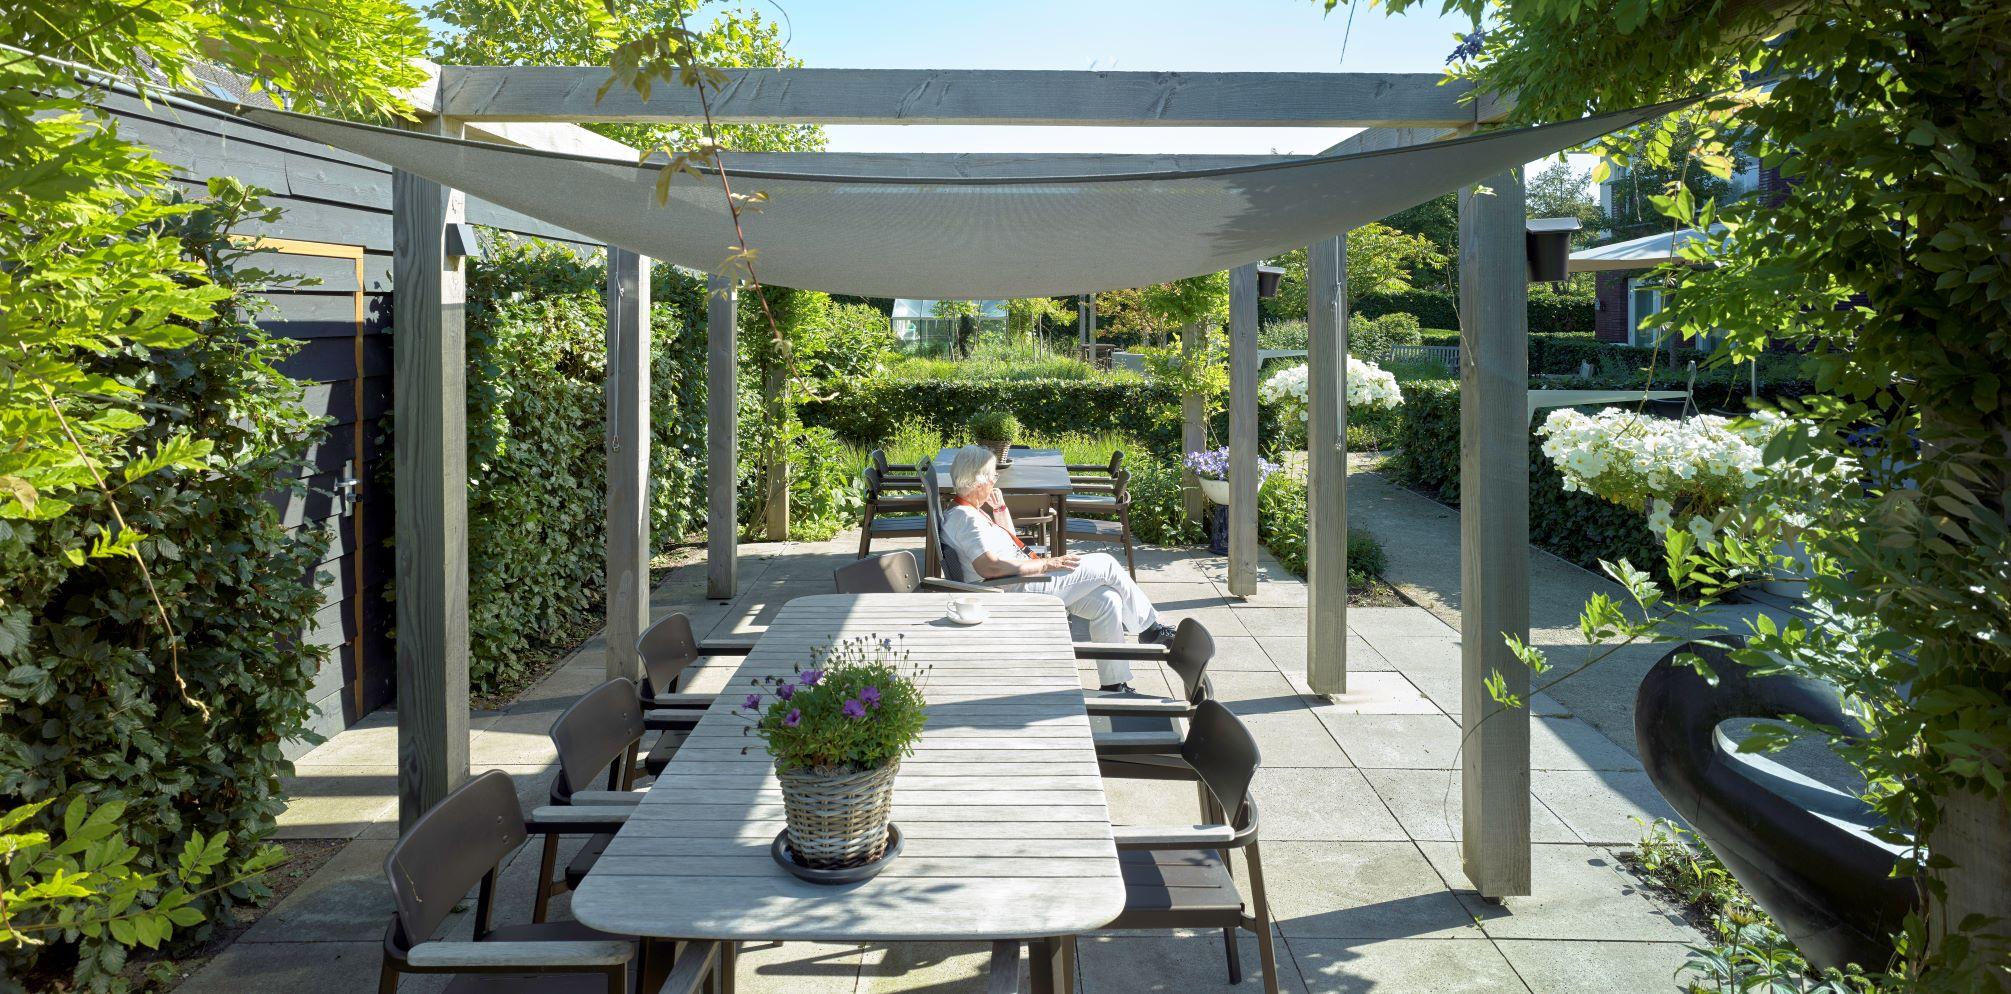 Heerlijk ontspannen in de tuin van Van Hollant Craenenbroeck